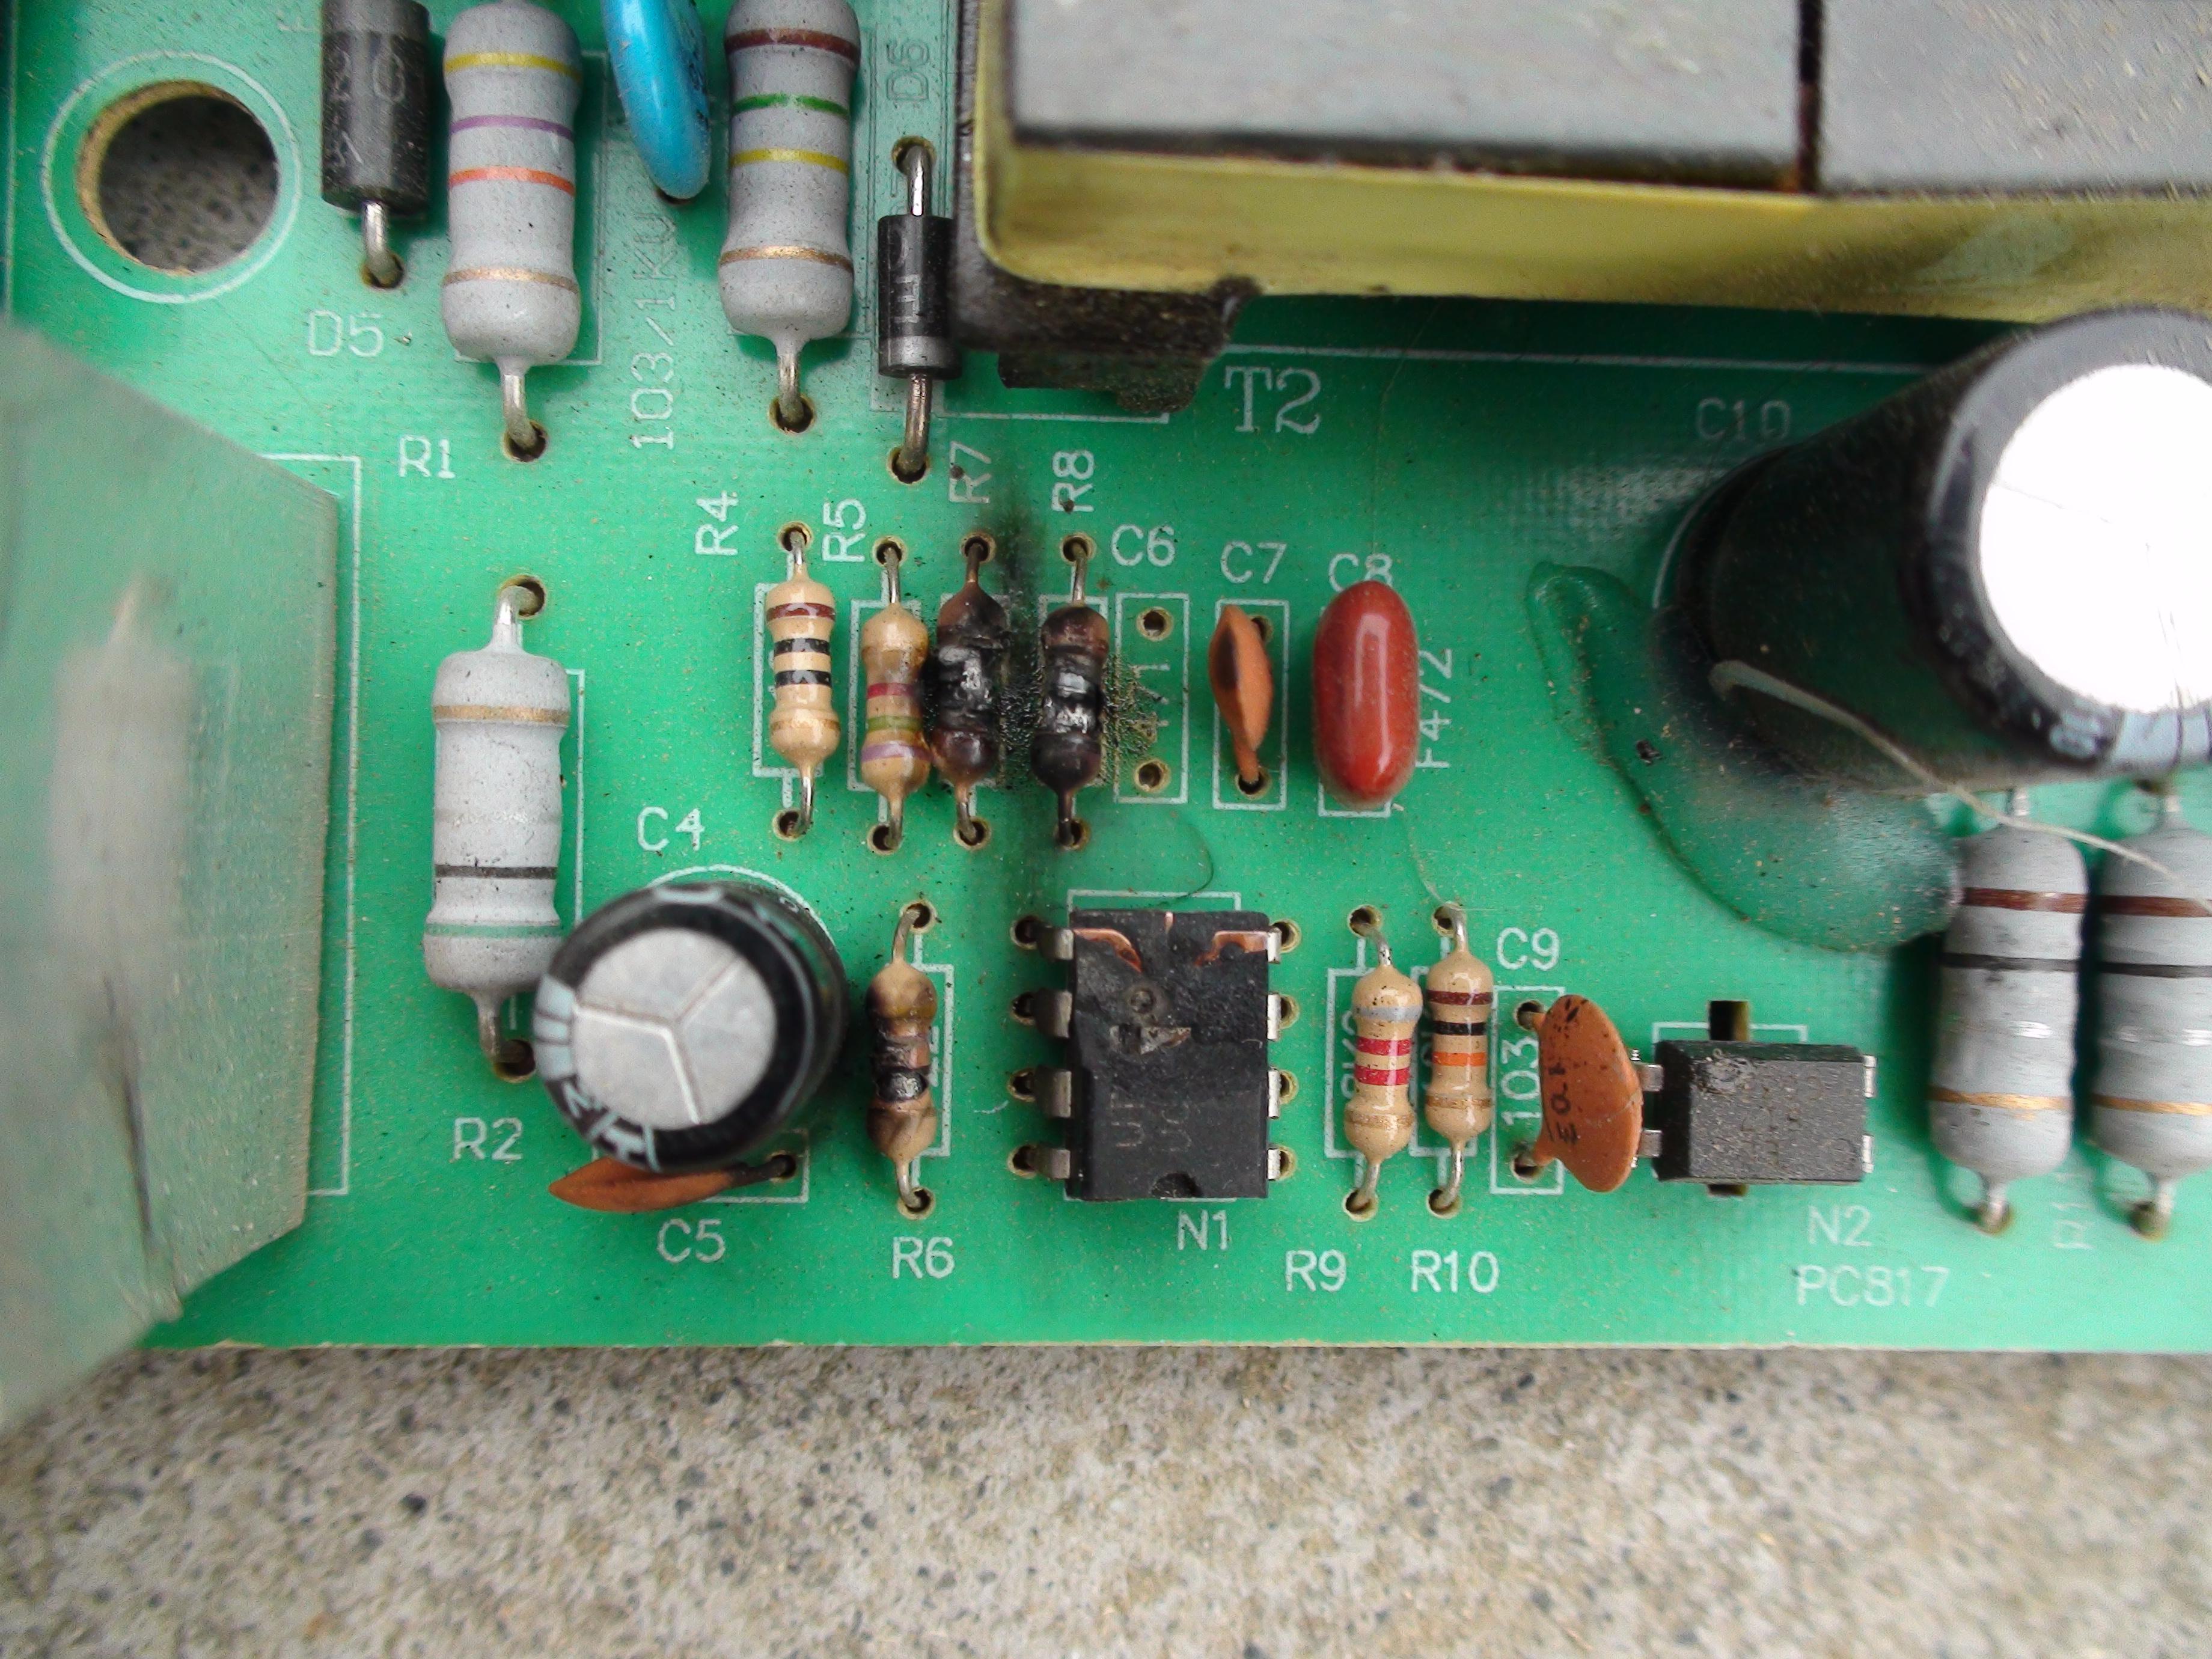 一电瓶车48v充电器一集成块和几个电阻烧黑看不出型号